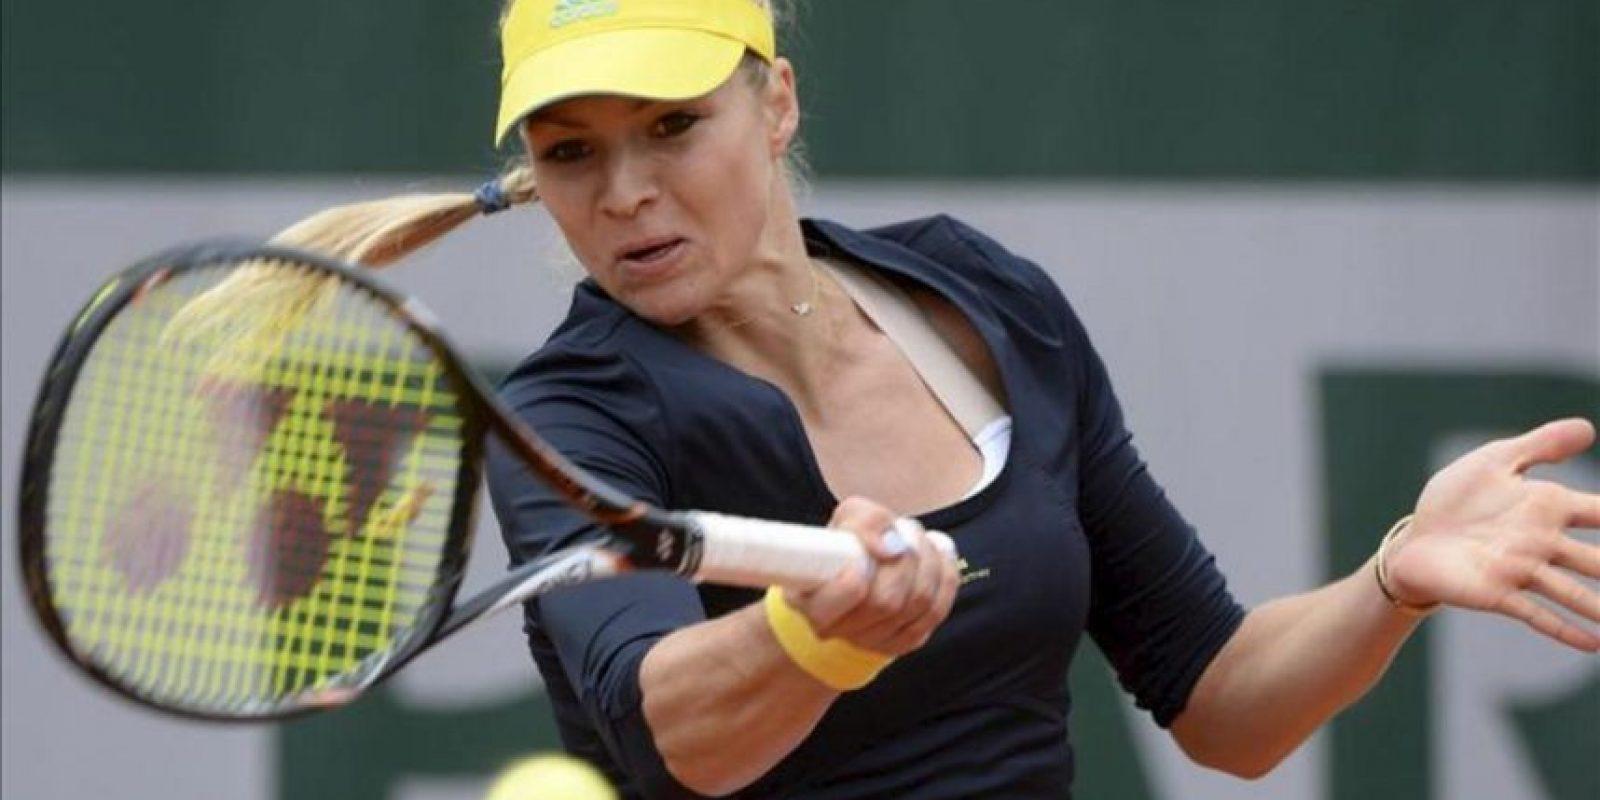 La tenista rusa Maria Kirilenko golpea la bola ante la portuguesa Nina Bratchikova durante su encuentro de la primera ronda del Roland Garros, hoy en París. EFE